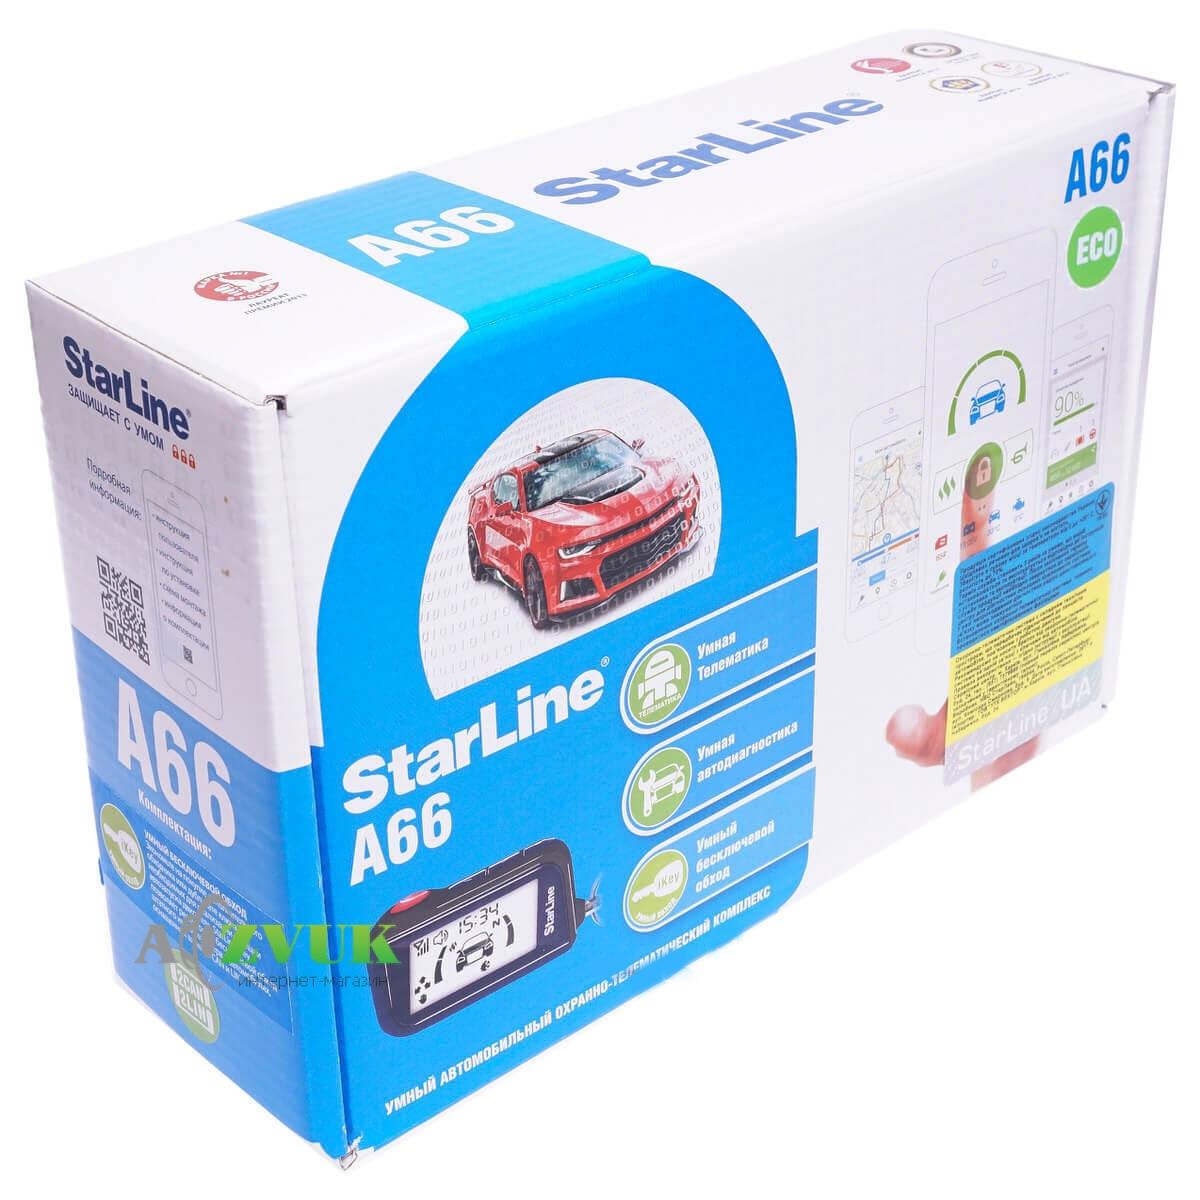 Автосигнализация Starline A66 ECO